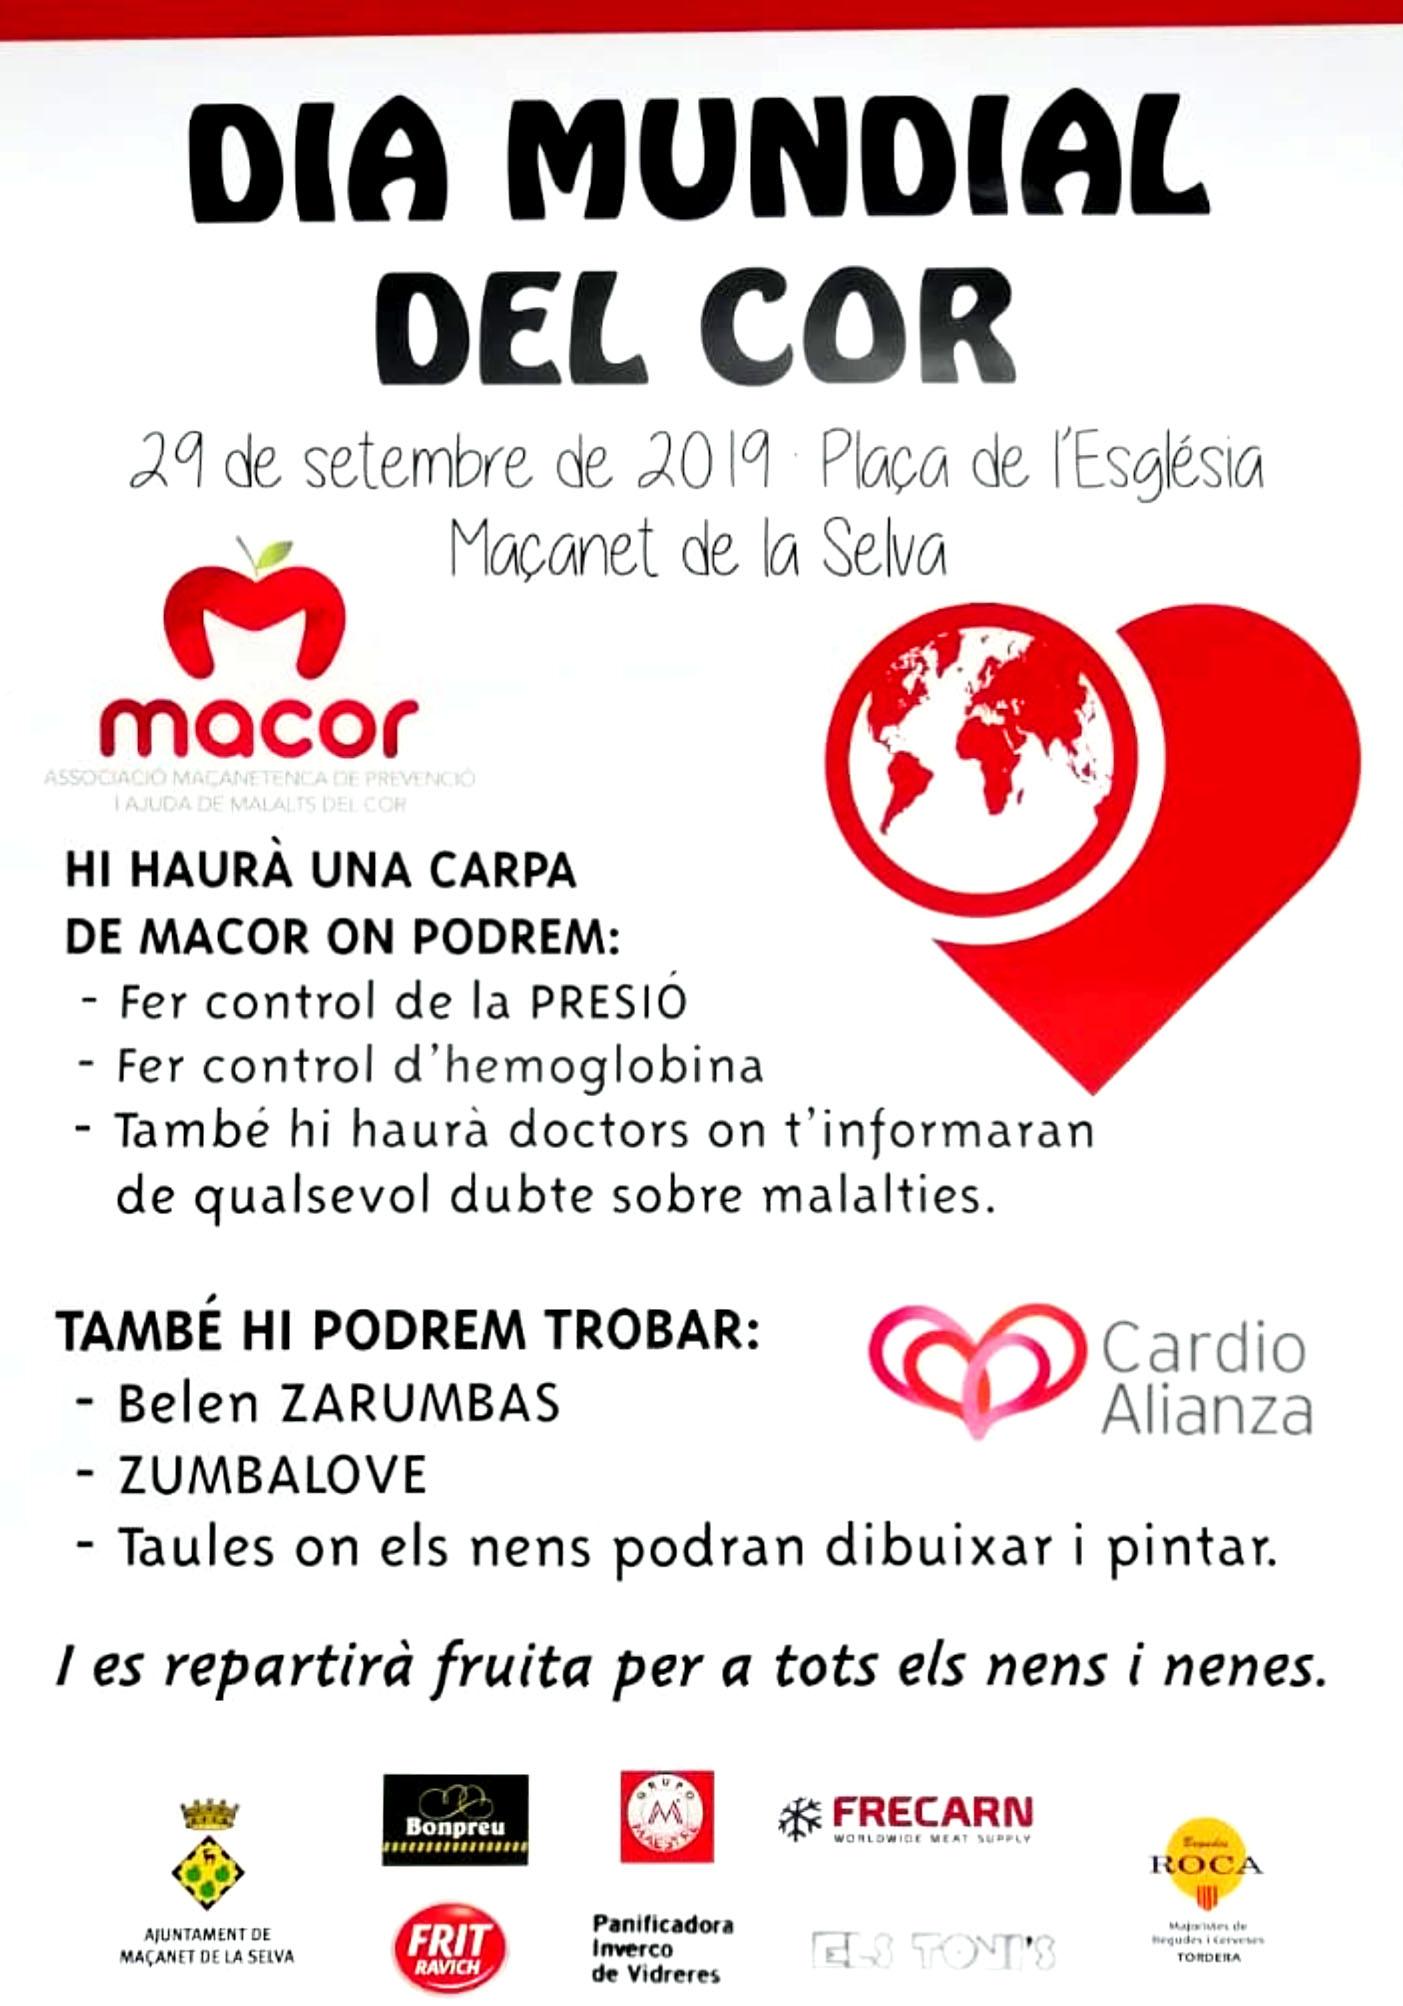 Dia mundial del cor a Maçanet de la Selva per MACOR 2019